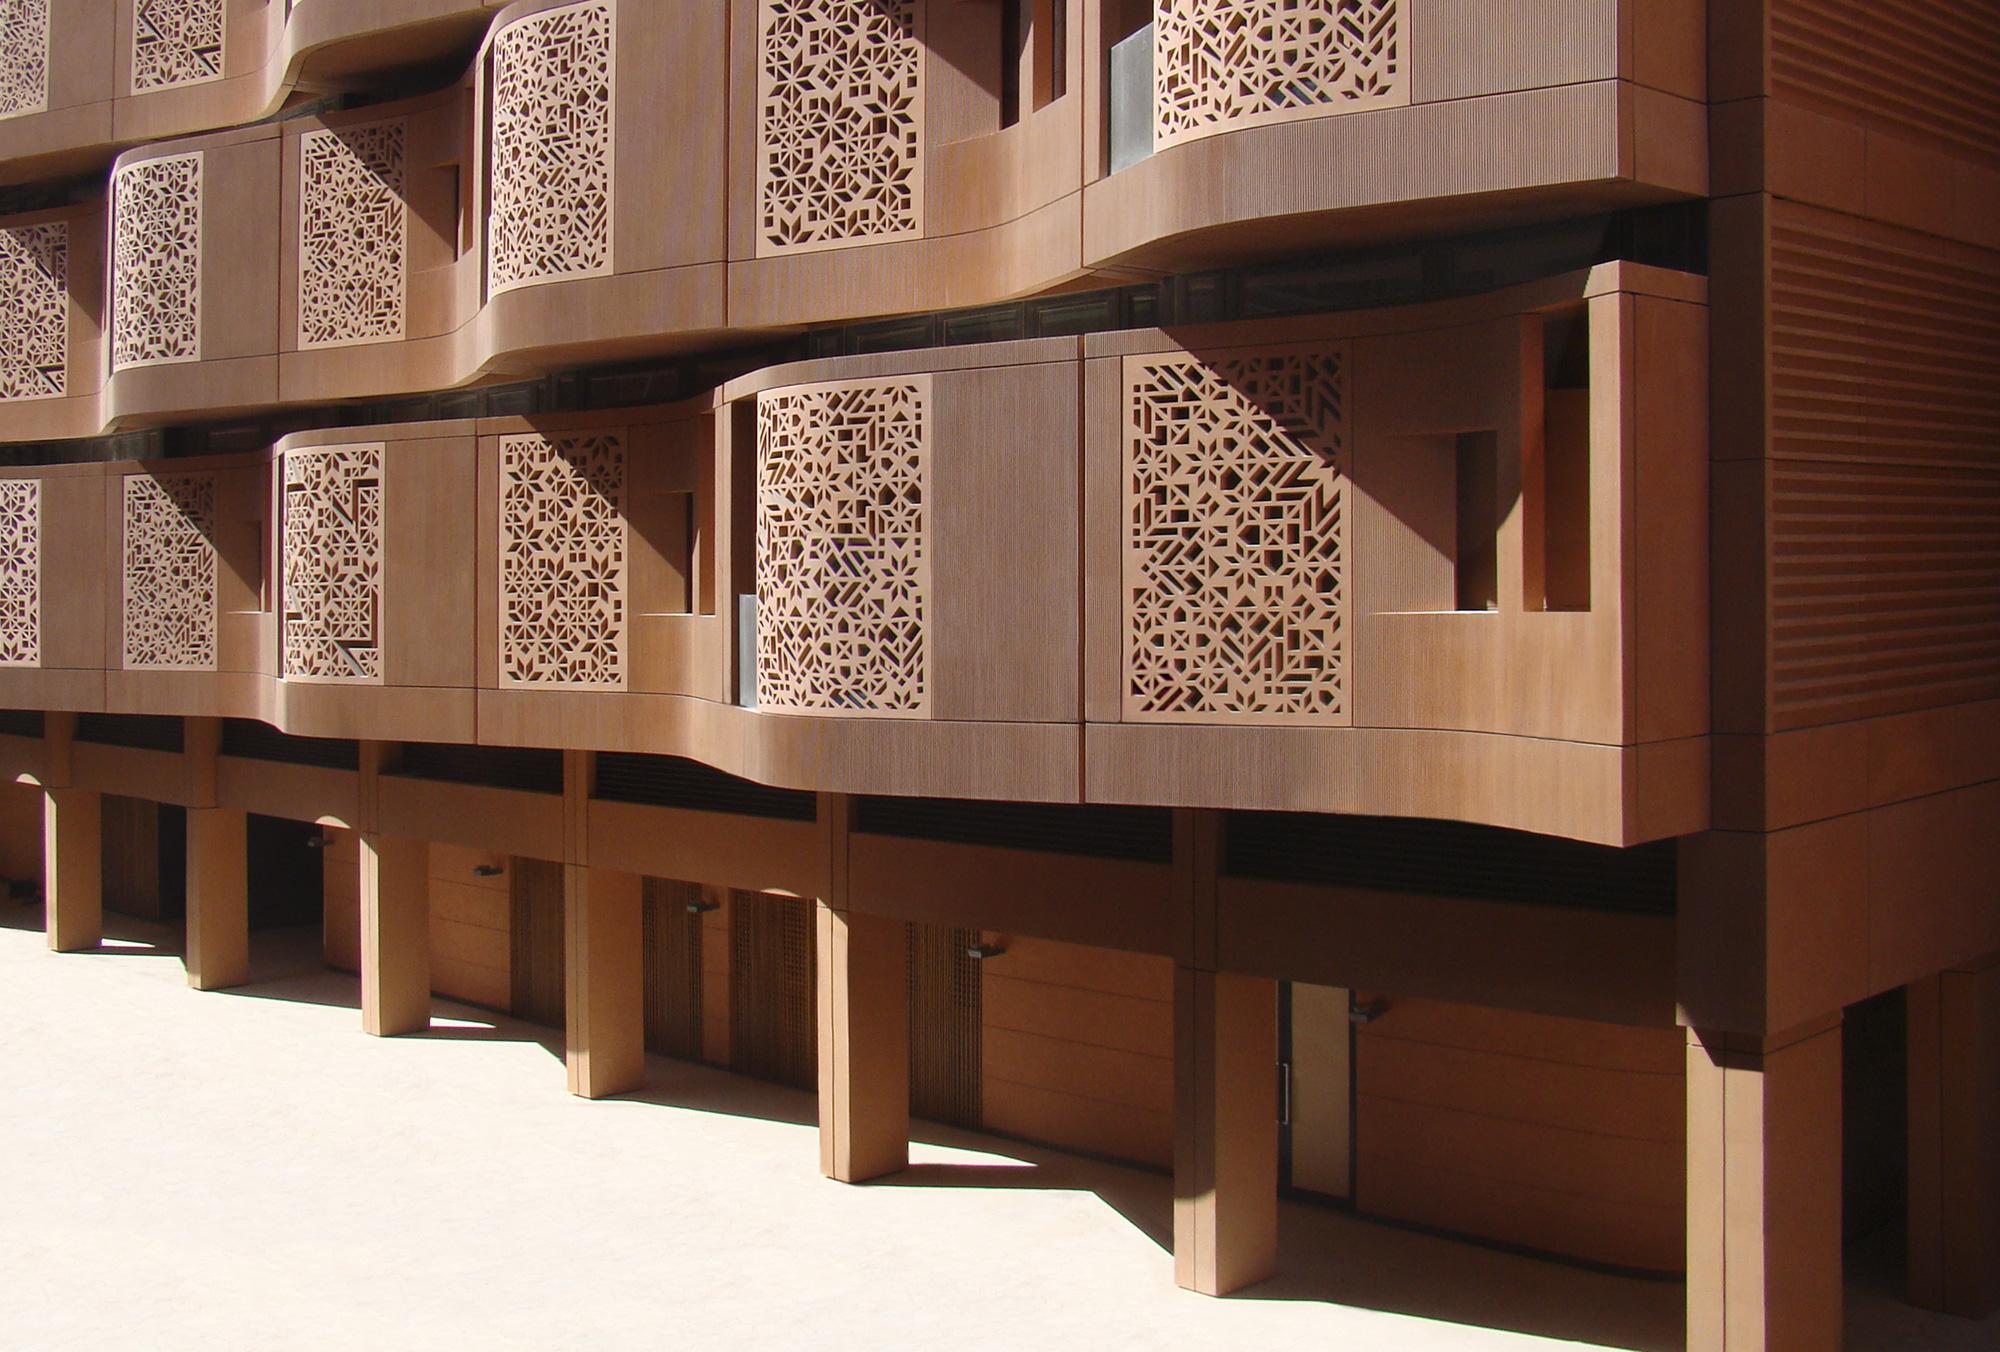 Masdar Institute - Abu Dhabi, UAE